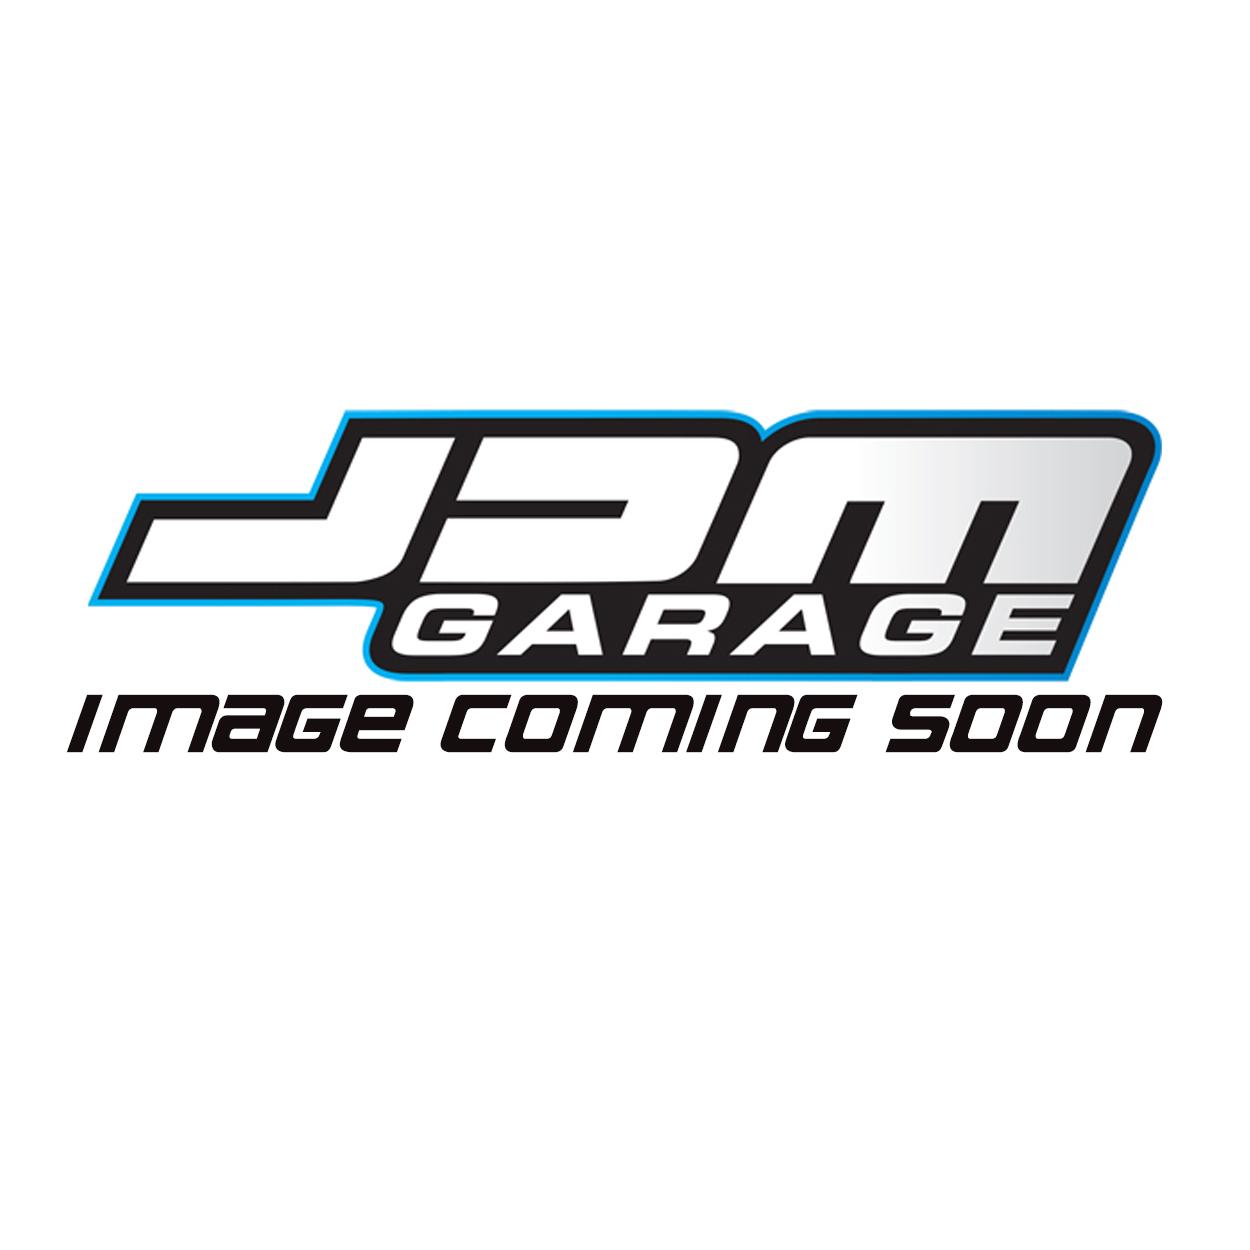 Xtreme Chromoly Flywheel - Nissan Skyline R32 / R33 / R34 / Silvia S13 / S14 / S15 / Stagea / 350Z / 300ZX